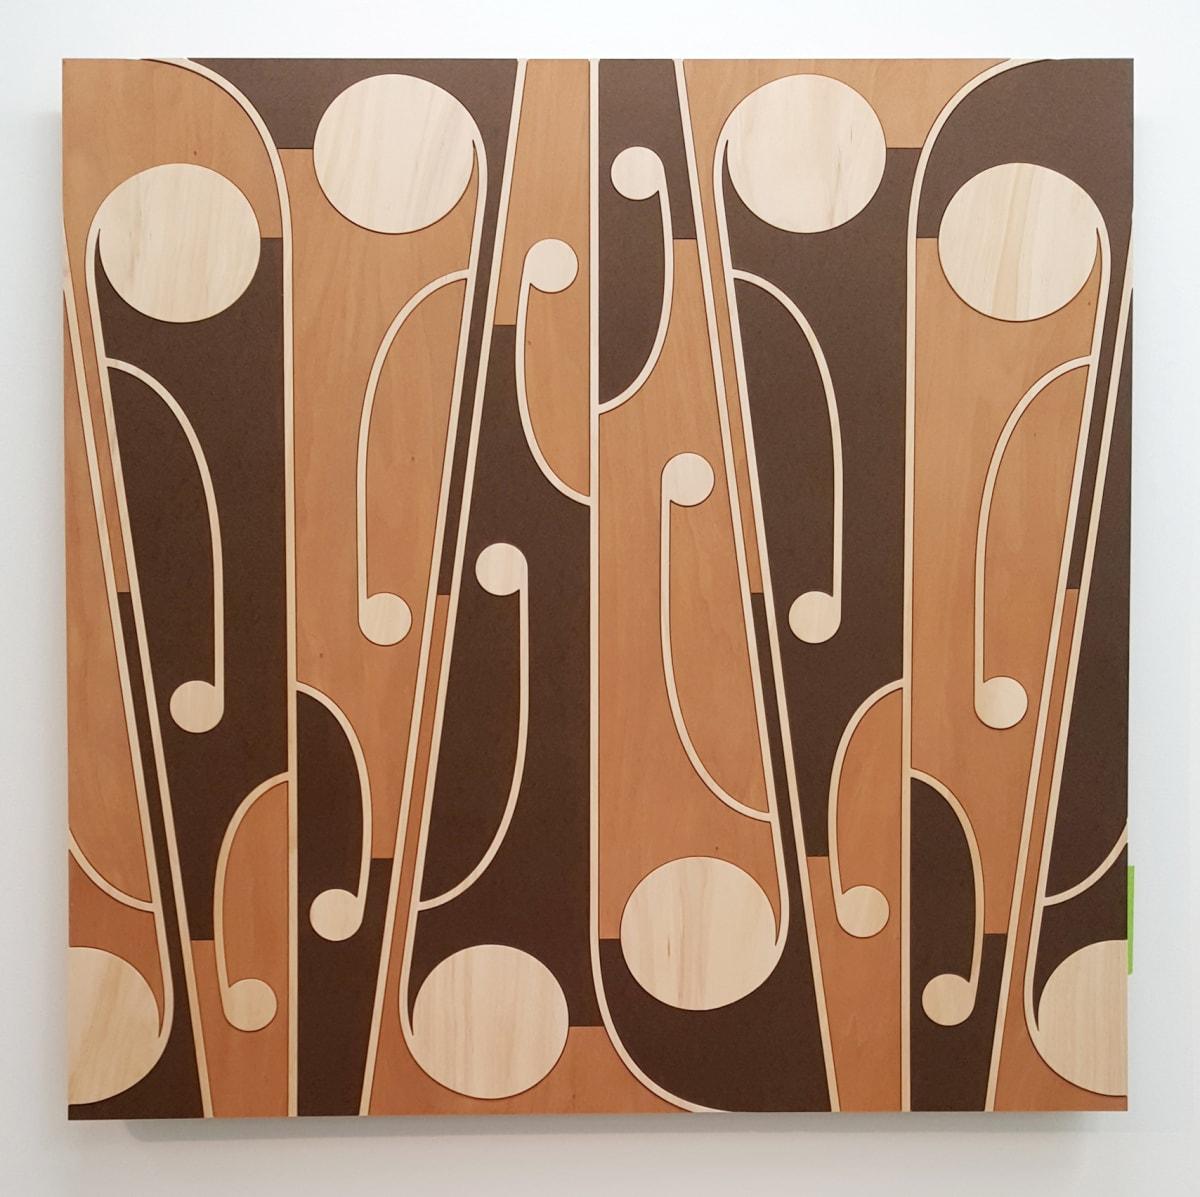 Ngataiharuru TAEPA Mata Rau #3, 2016 Various timbers 43.3 x 43.3 in 110 x 110 cm